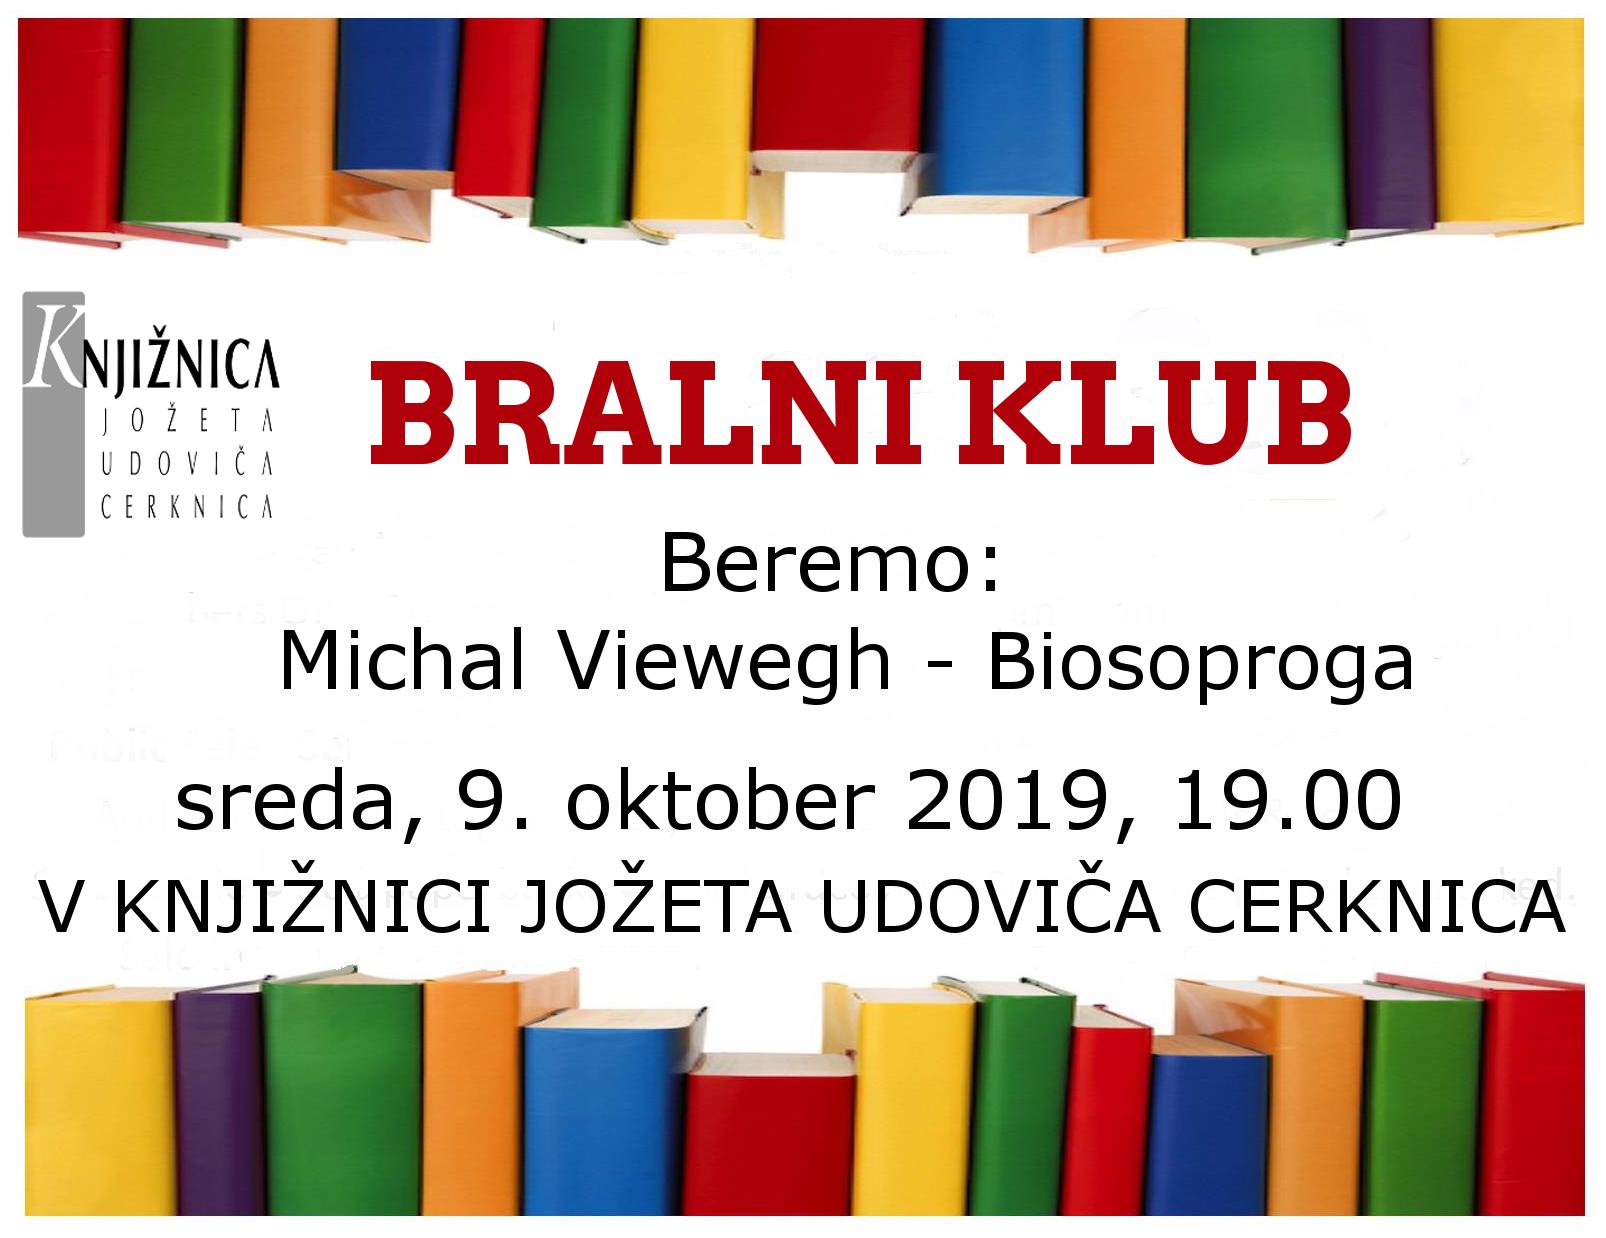 vabilo 2sestanek - Bralni klub: Michal Viewegh - Biosoproga